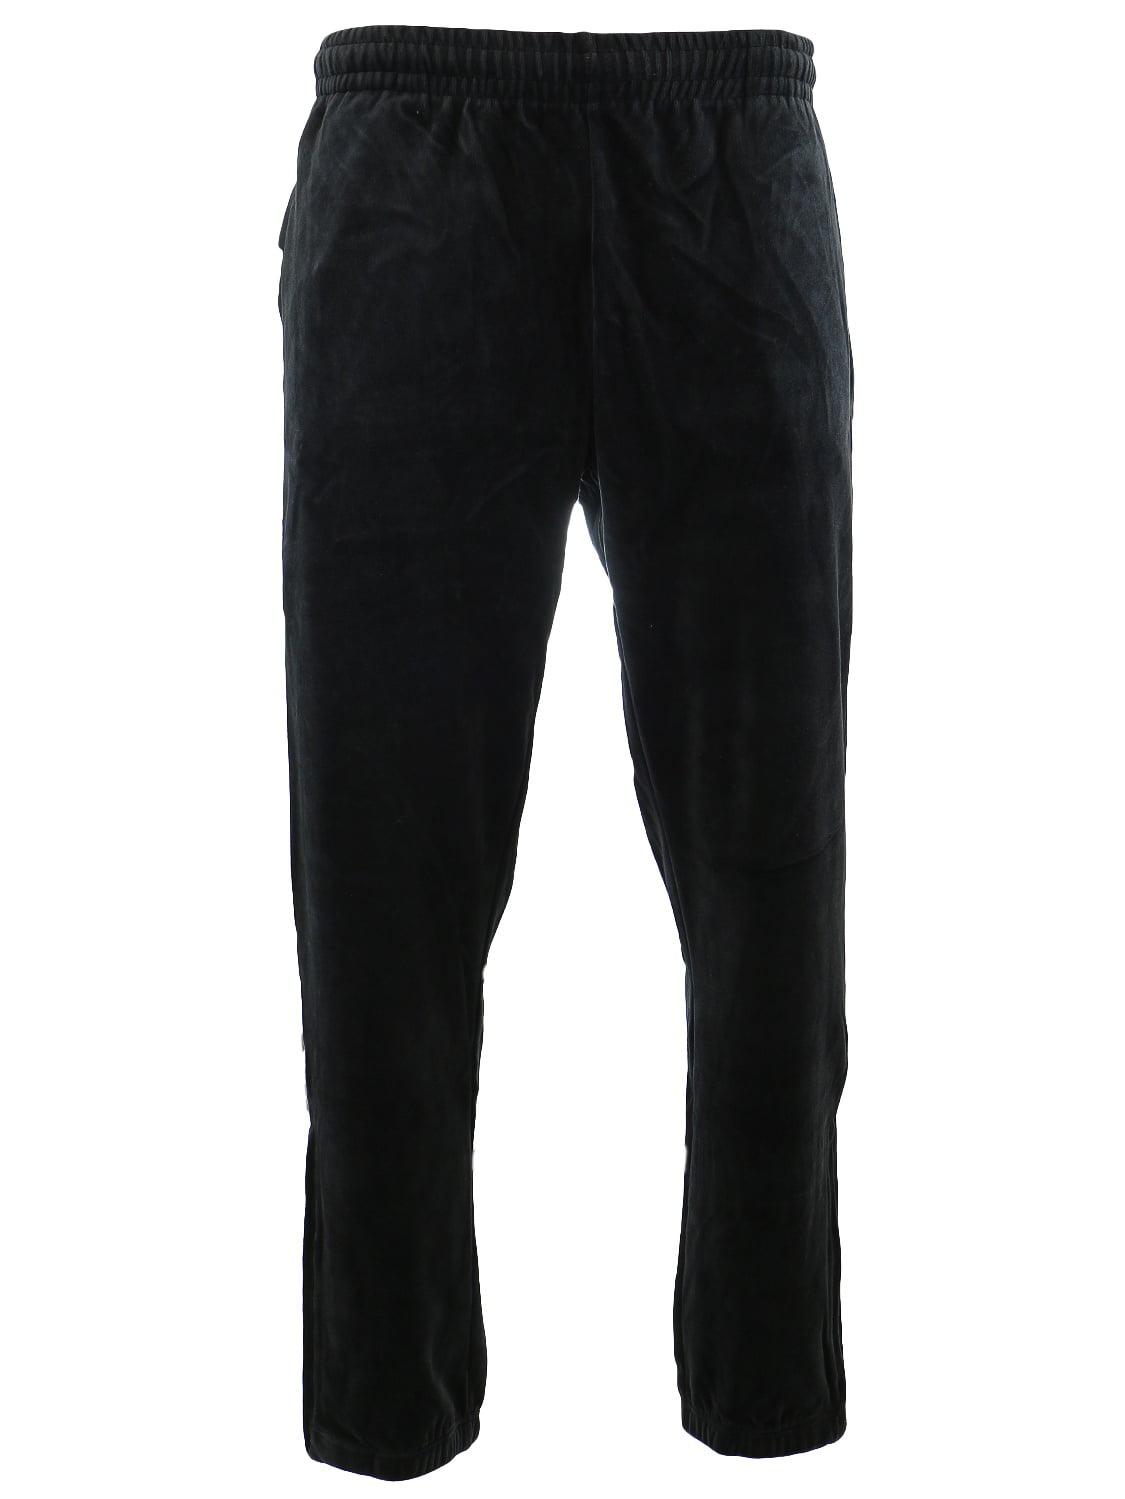 586d3654f0a Fila Velour Pant - Mens - Walmart.com